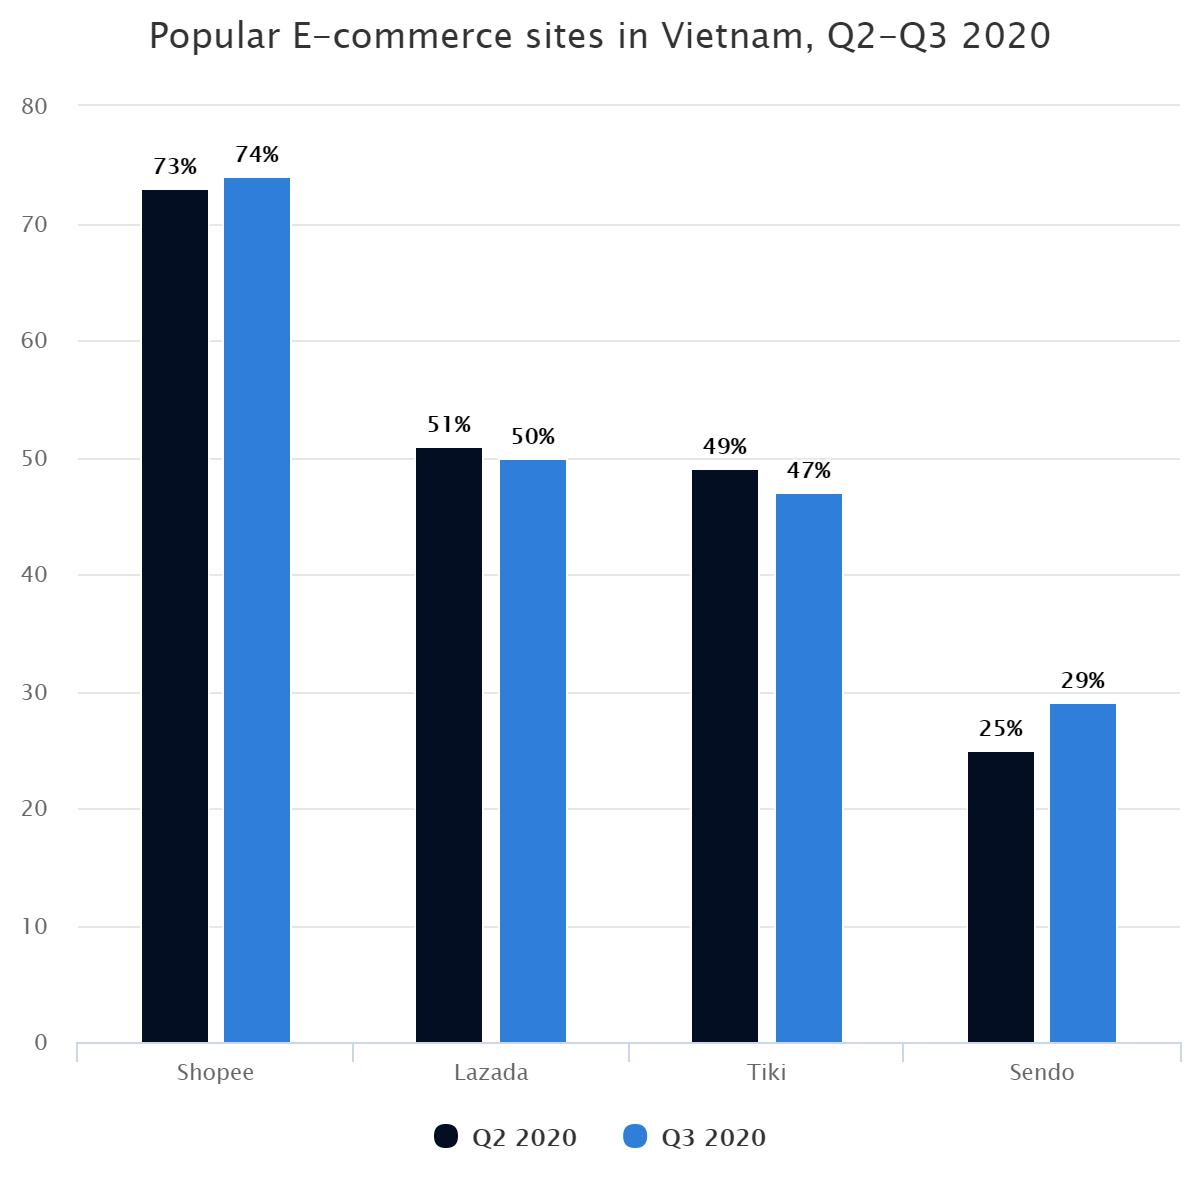 Popular E-commerce sites in Vietnam, Q2-Q3 2020